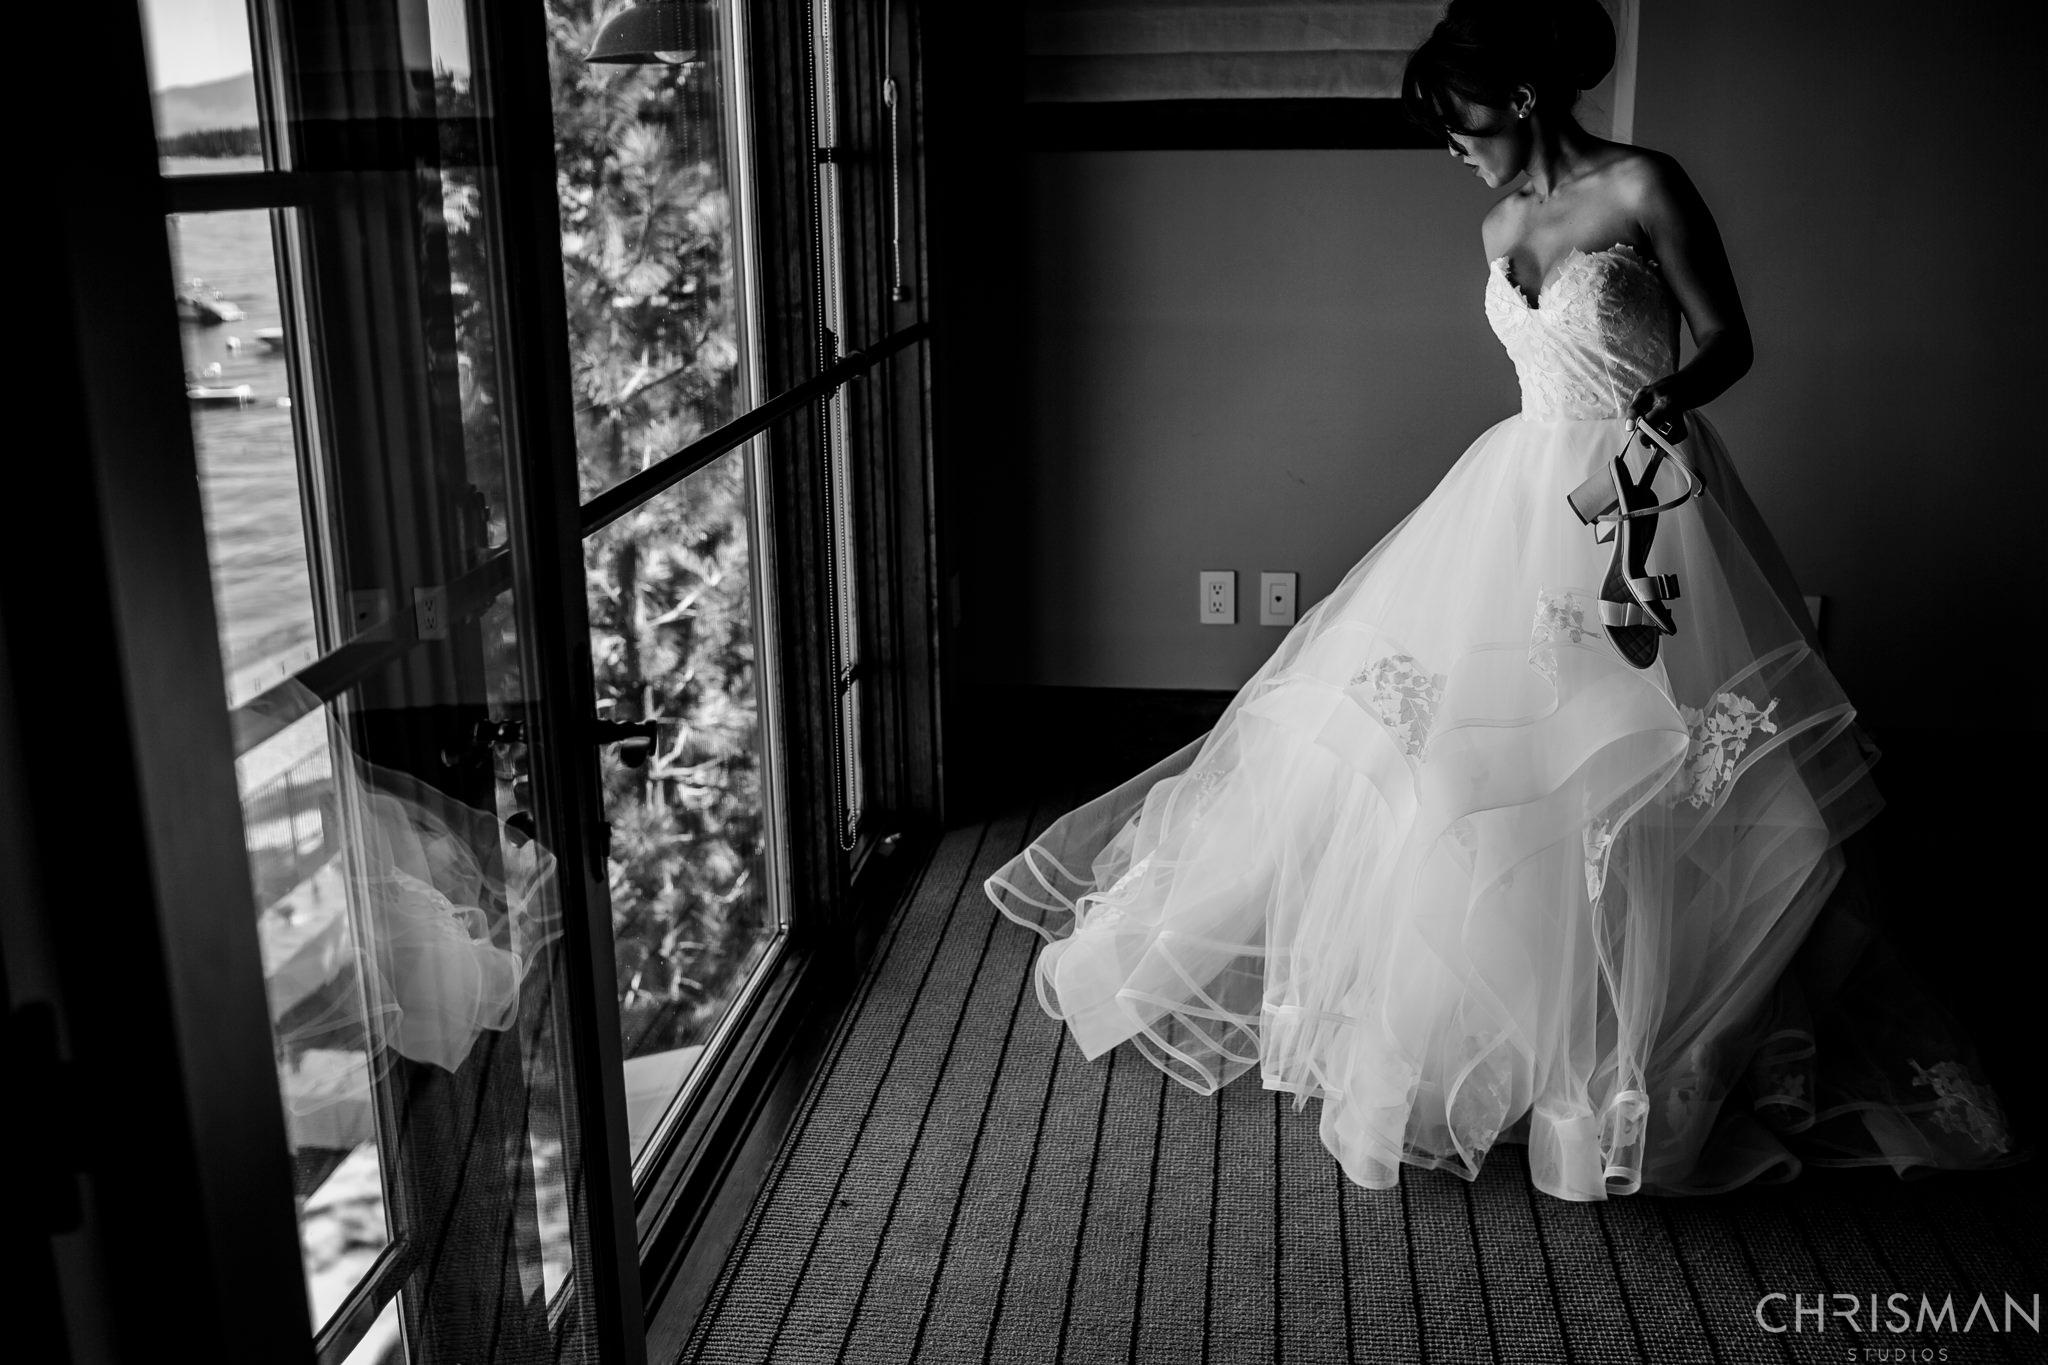 072-20160917-SophiaNick-Zwicker-wed.jpg